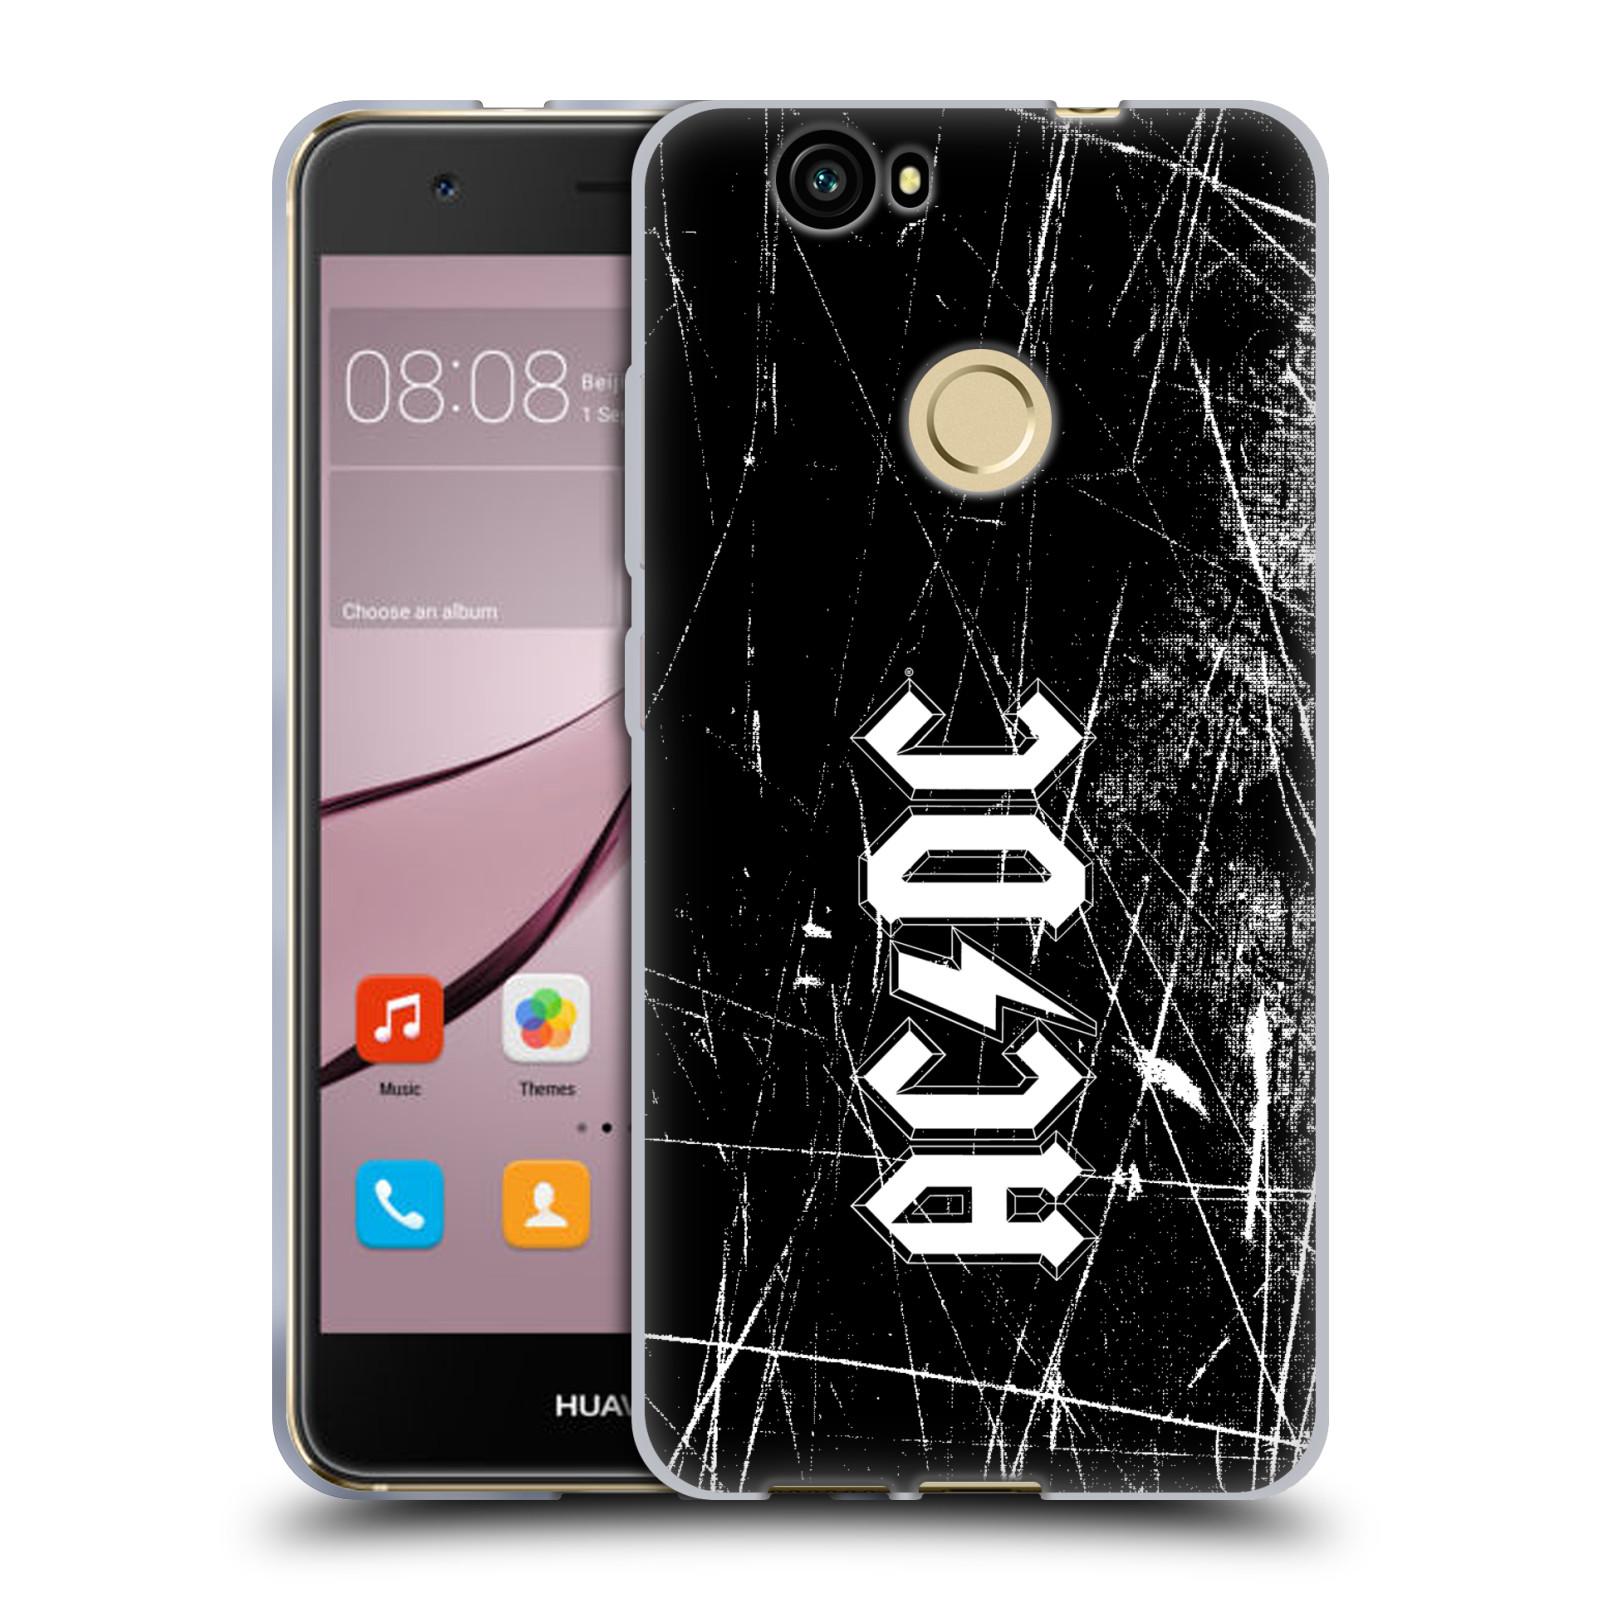 Silikonové pouzdro na mobil Huawei Nova - Head Case - AC/DC Černobílé logo